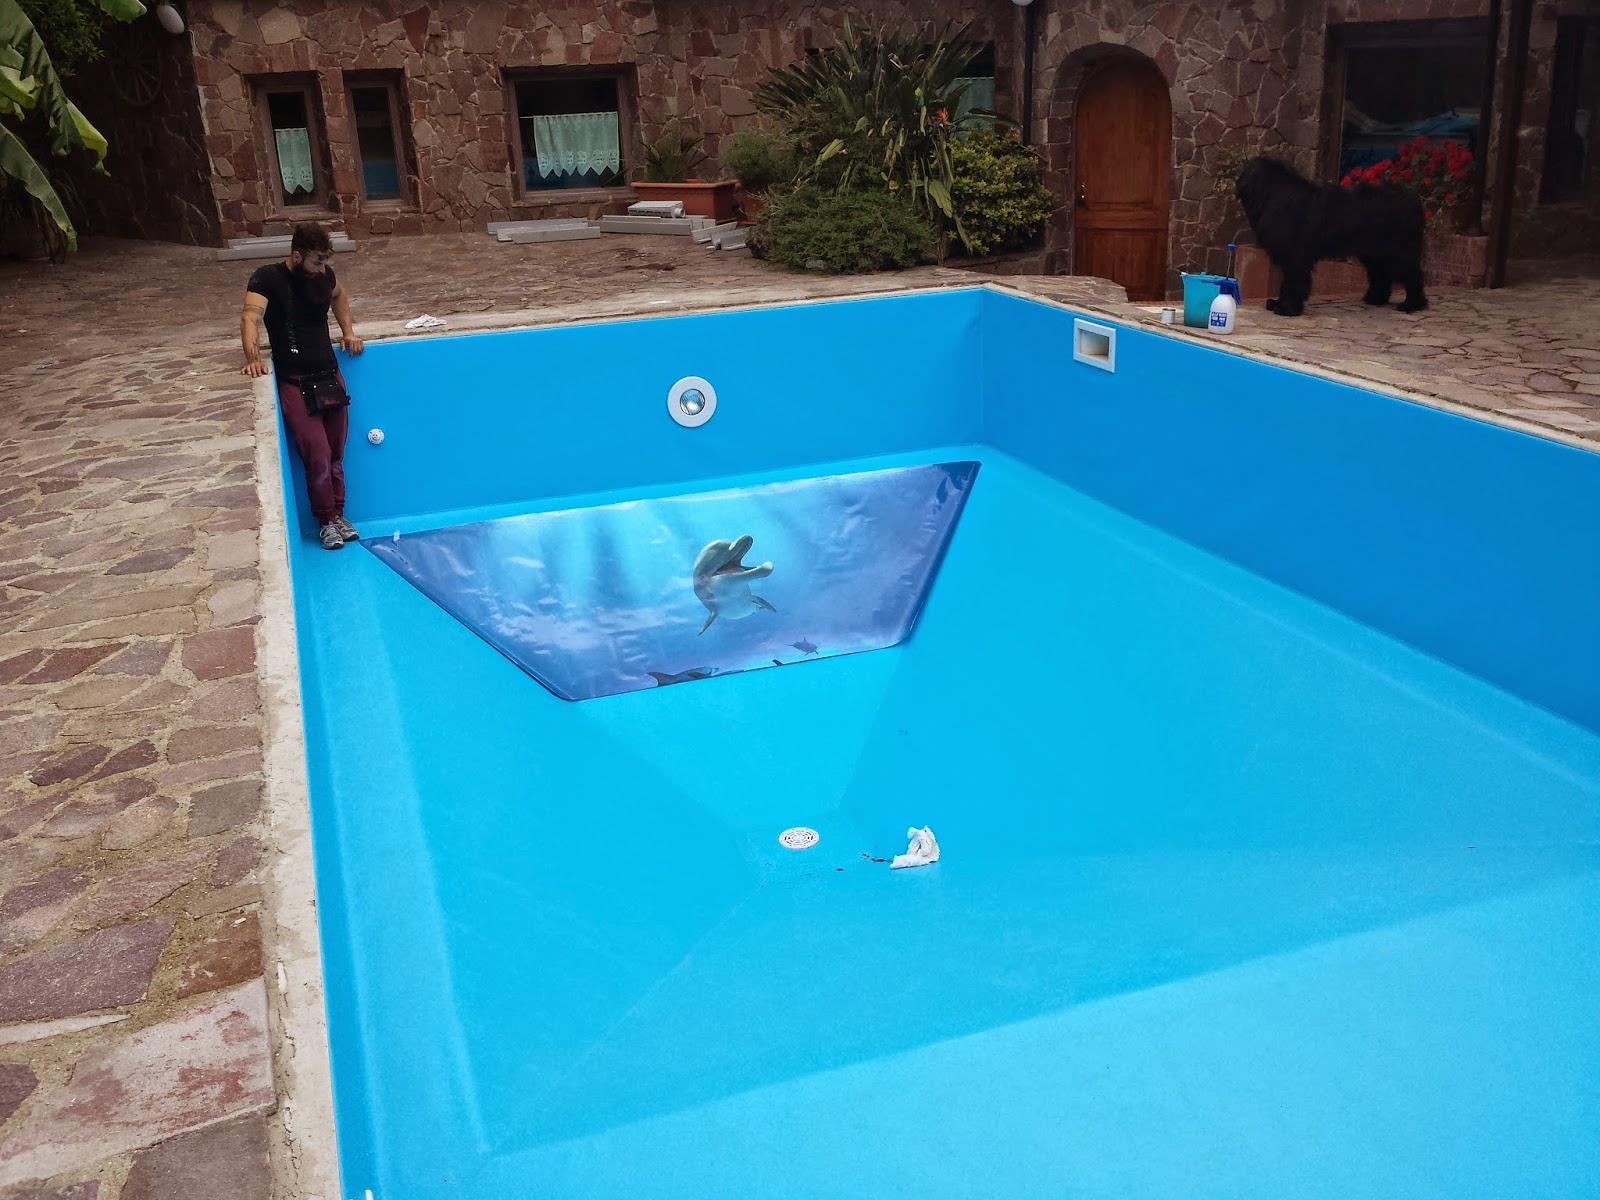 Decorazione con adesivi per fondo piscina santorografica for Adesivi per piscine